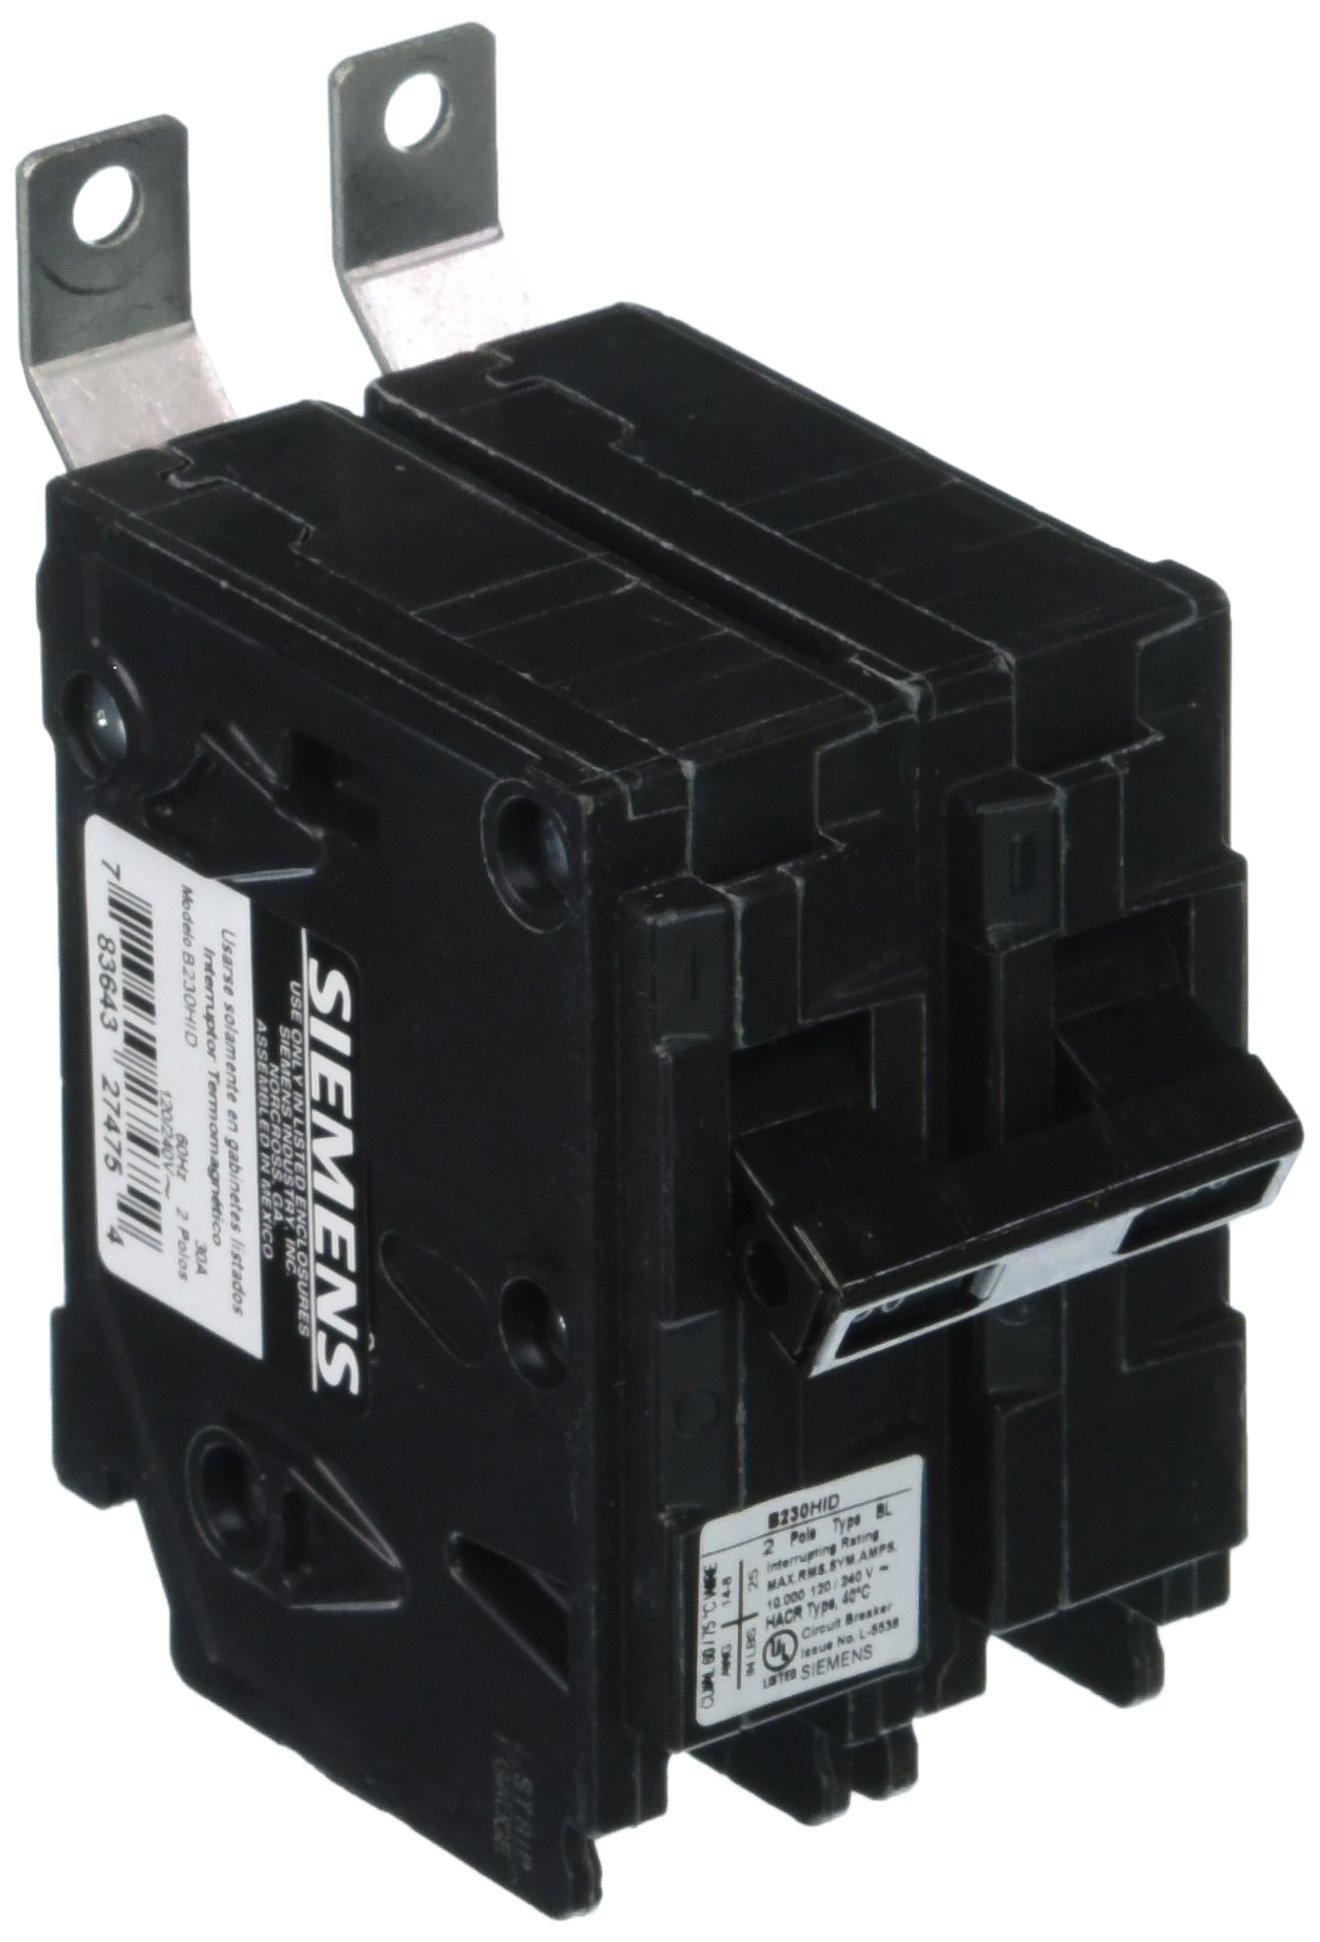 Siemens B230HID 30-Amp Double Pole 120/240-Volt Bolt in Breaker